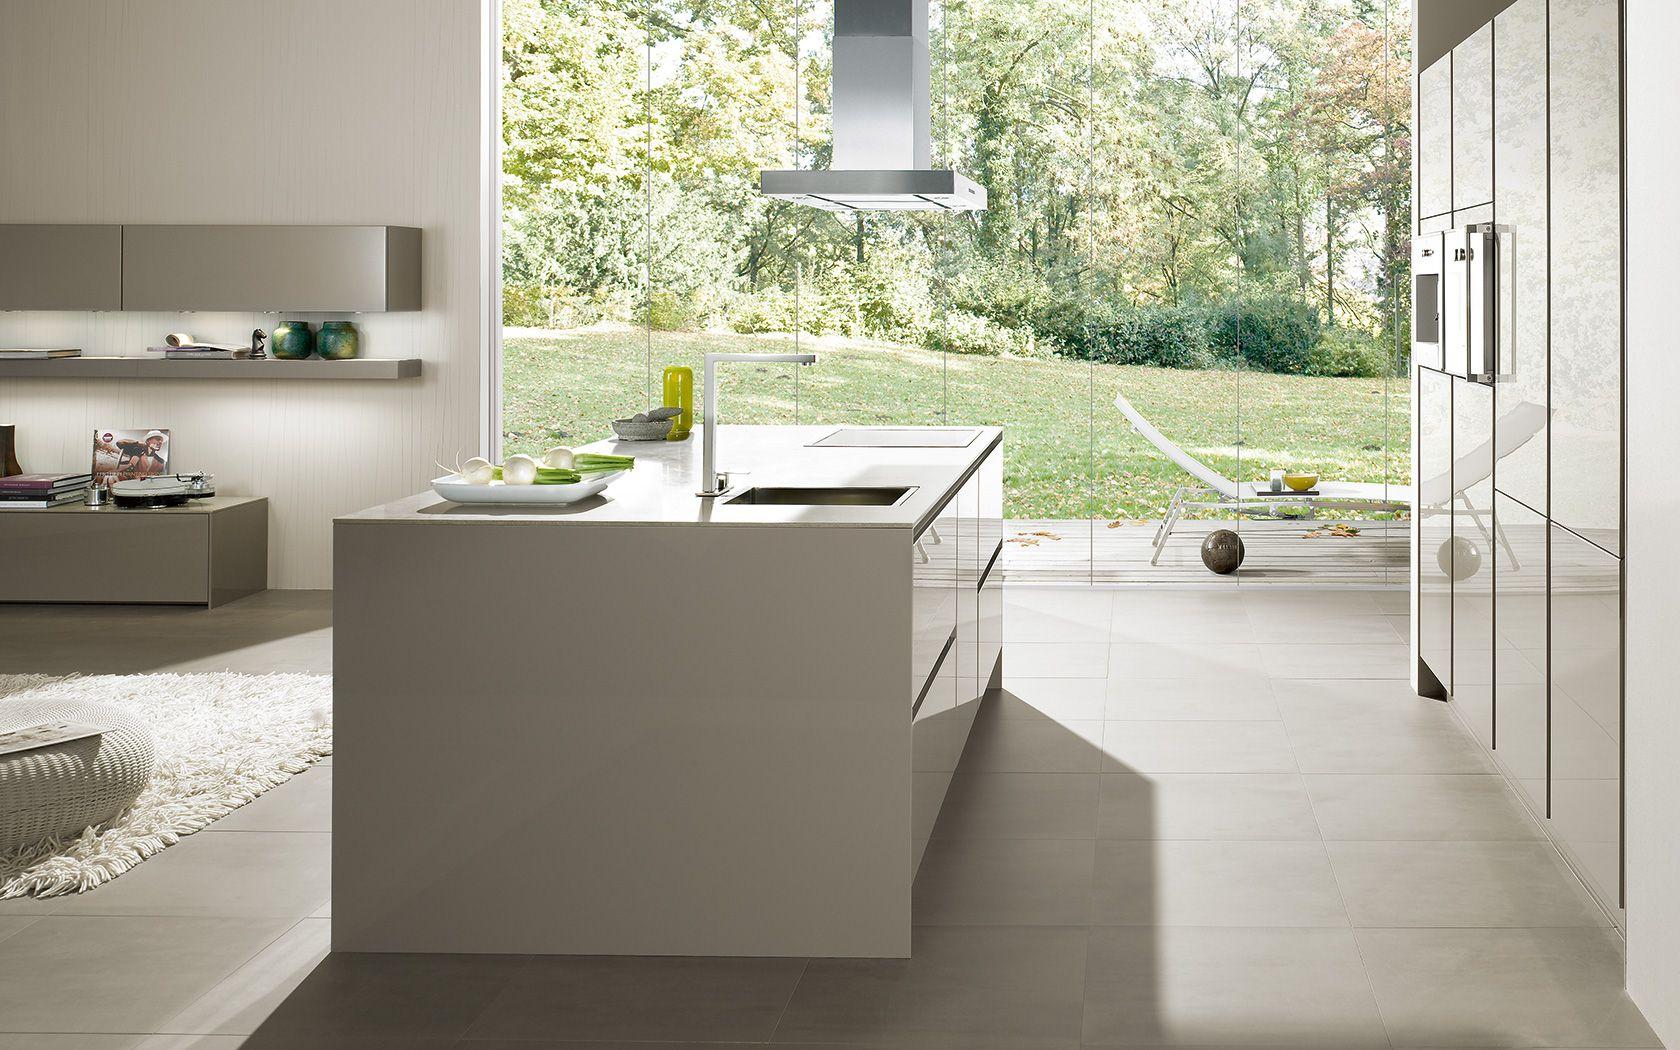 Modern kitchen without handles: s2 siematic.com zijkant keuken